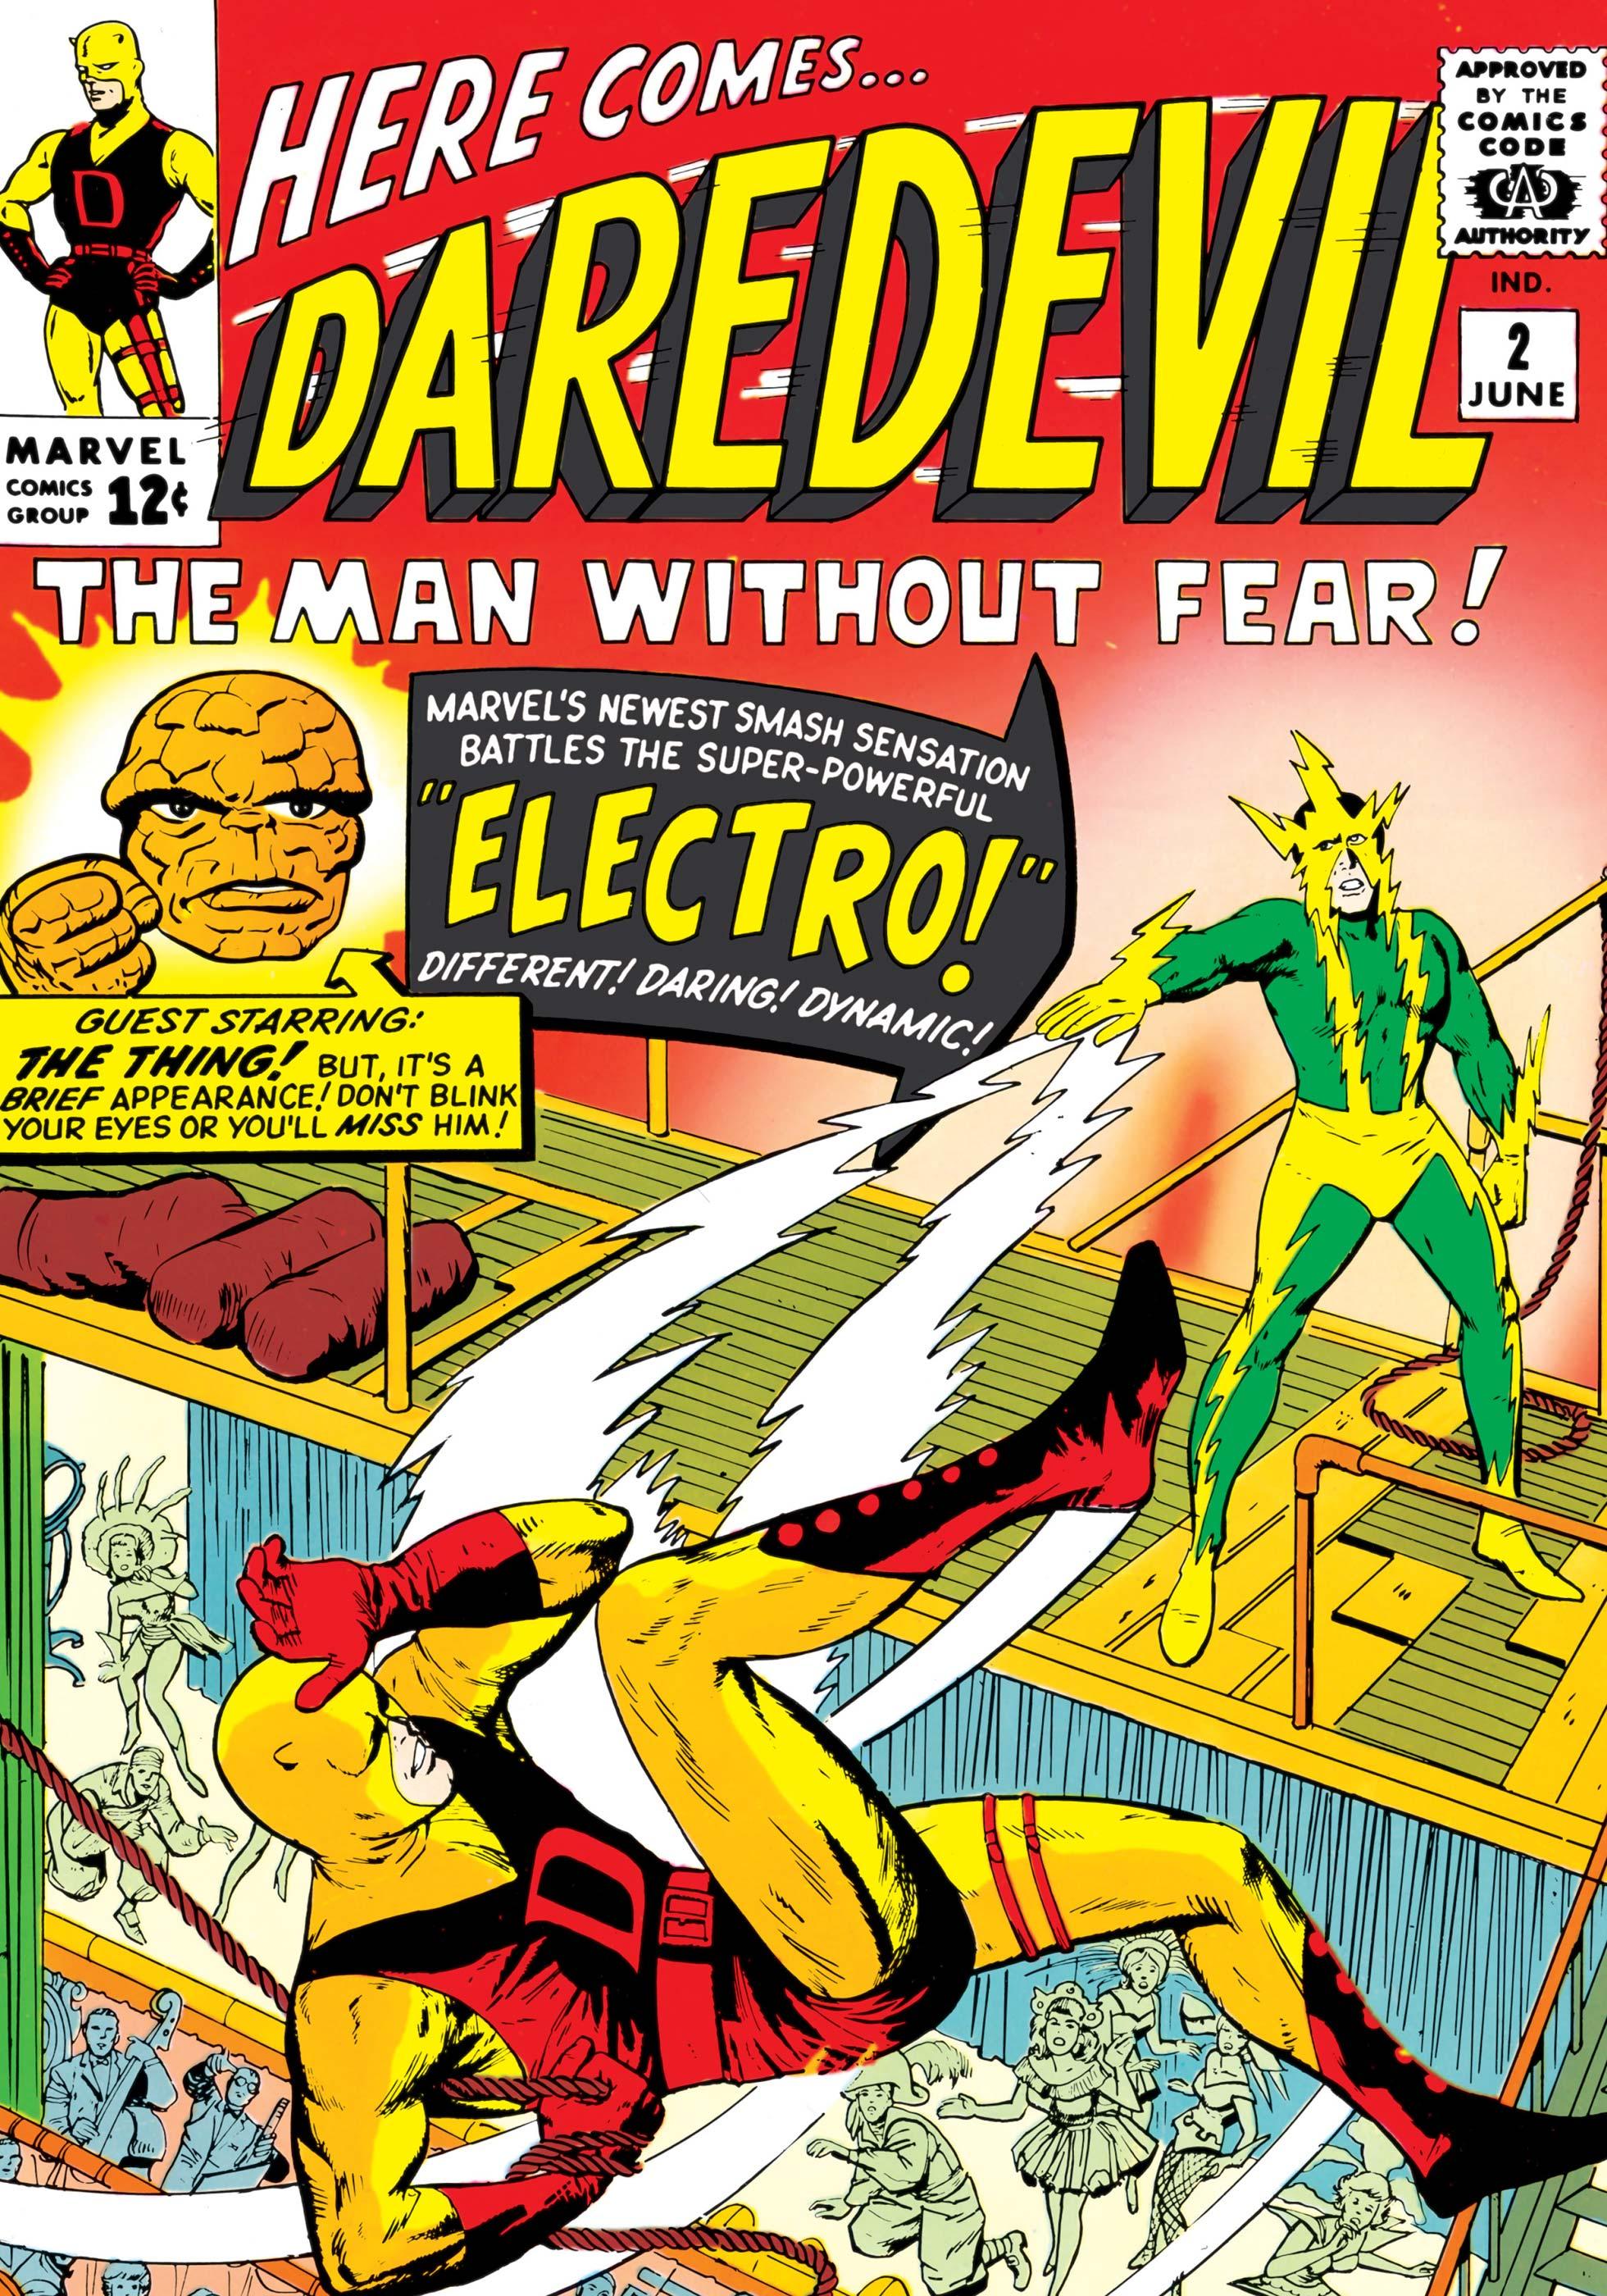 Daredevil (1964) #2